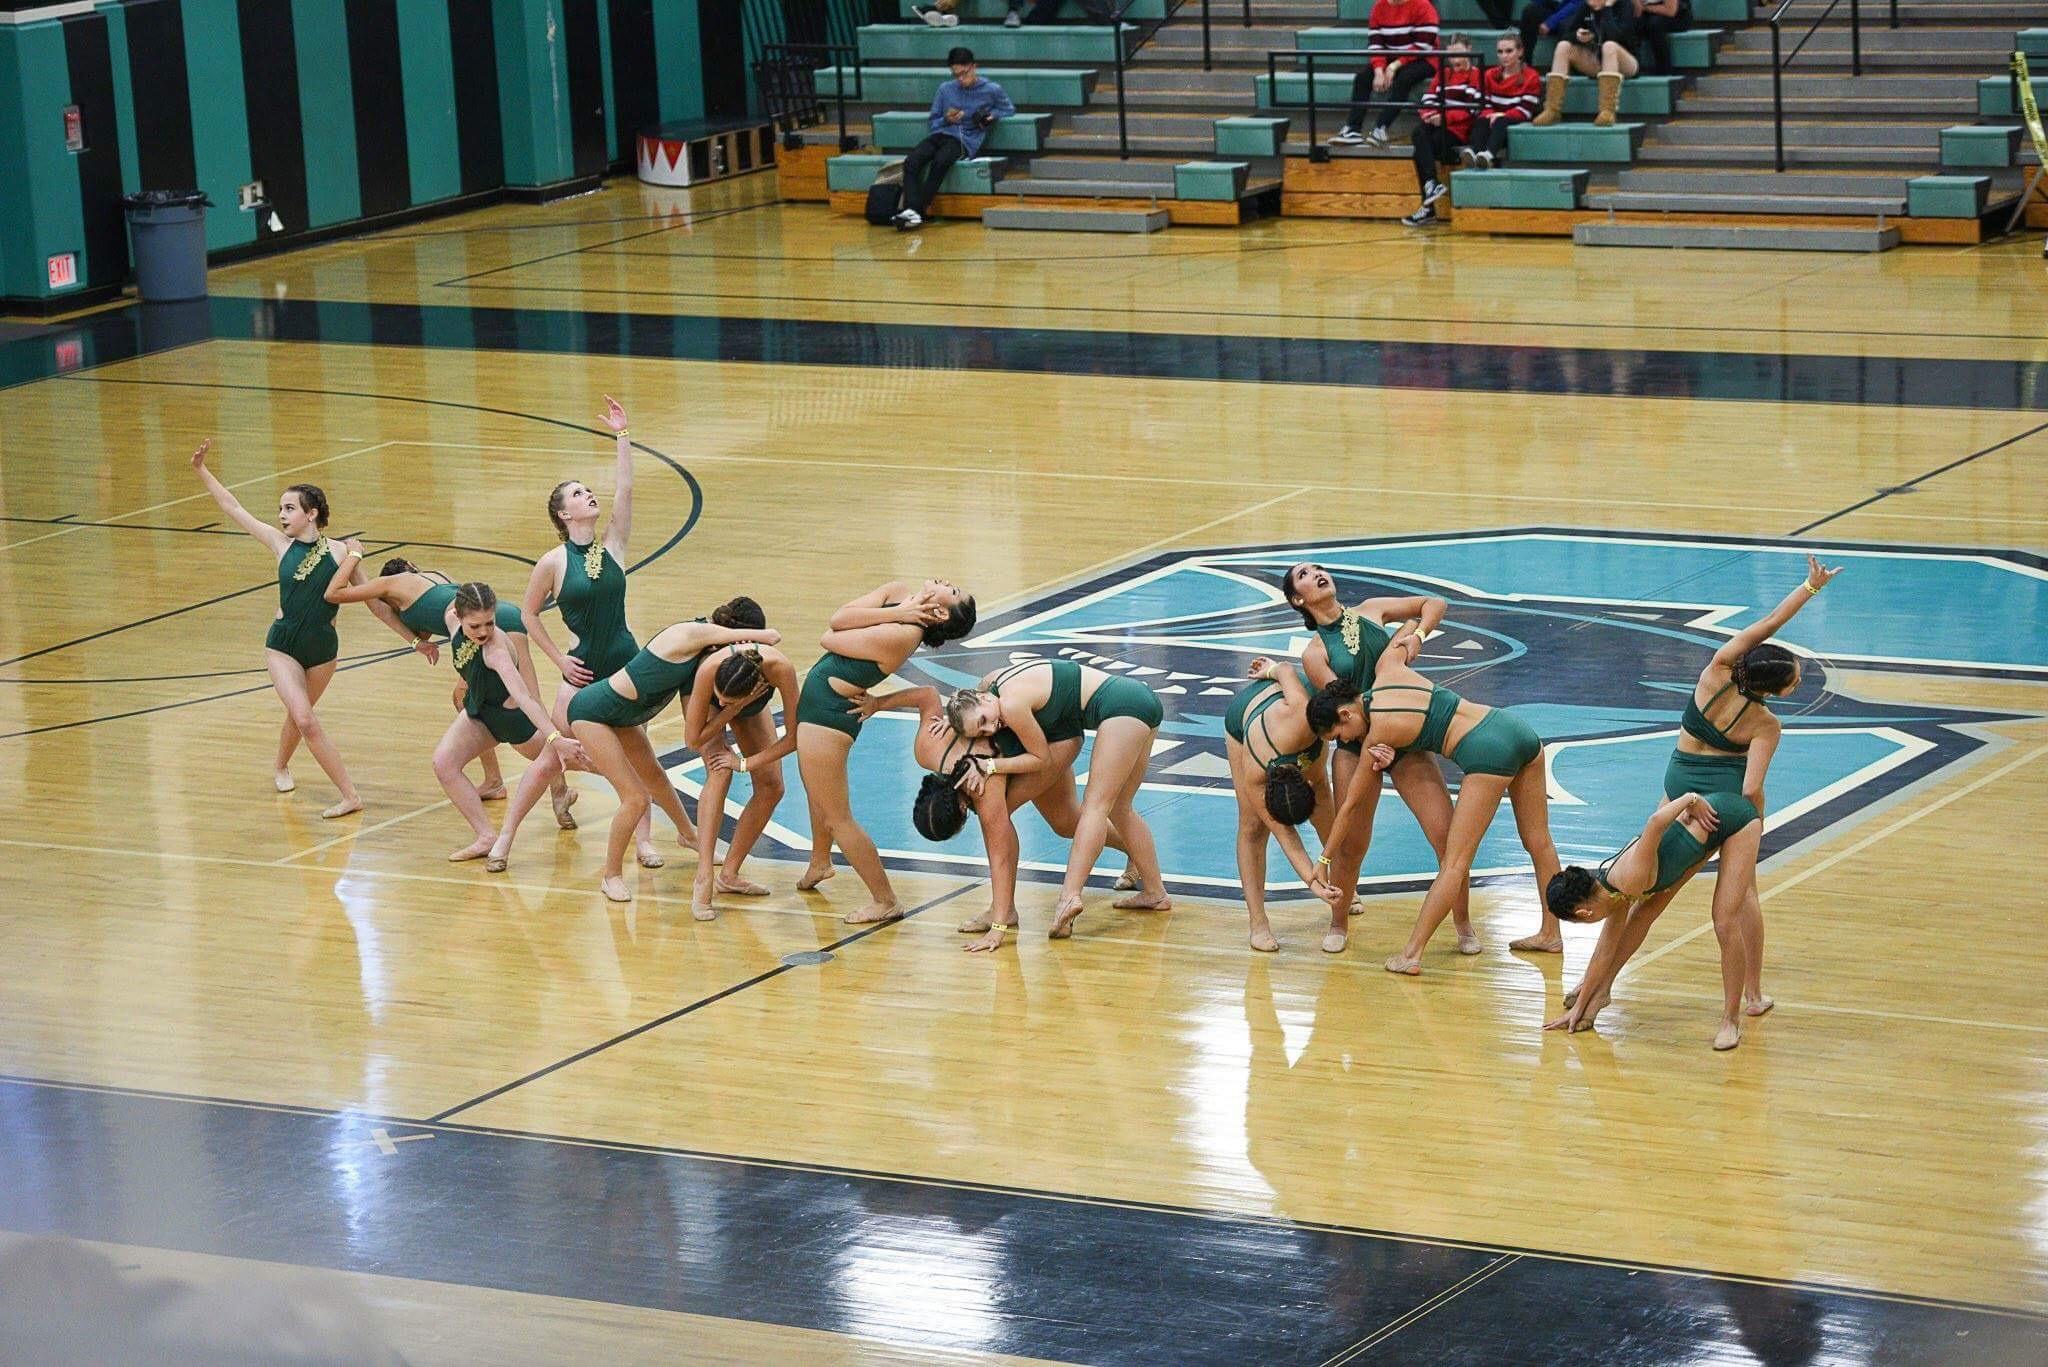 Dance Team  expresses their theme through their dance moves.